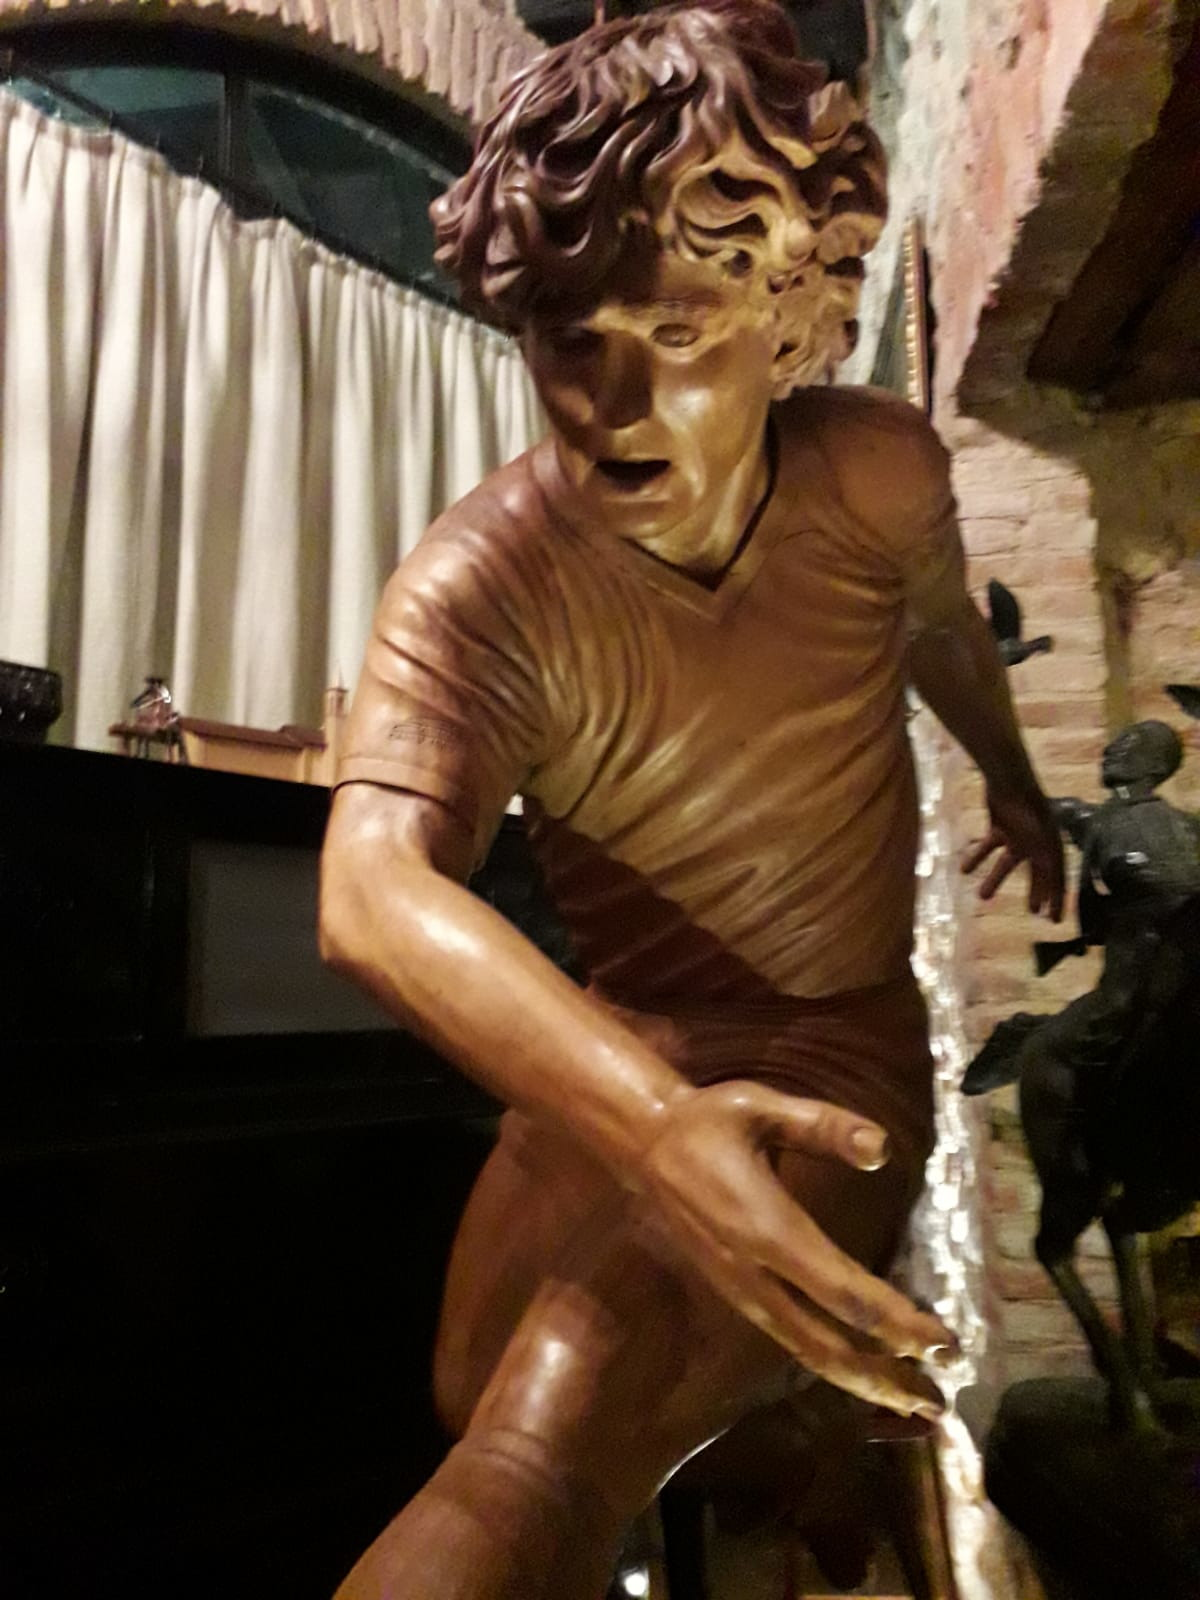 &Egrave;&nbsp;un omaggio della Brianza a Diego&nbsp;Armando Maradona e, naturalmente, arriva da Cant&ugrave;, nota per gli artisti del legno che nobilitano la produzione dei mobili. &Egrave;&nbsp;la scultura tutta in legno e noce che fu realizzata negli anni &#39;80 da uno scultore locale soprannominato &#39;Sarin&#39; e che ora, per ricordare il grande numero 10, viene messa a disposizione di tutti che se la potranno gustare nel museo privato dell&#39;imprenditore Giovanni Bettio a Cant&ugrave;, nel cuore della Brianza.<br /><br />